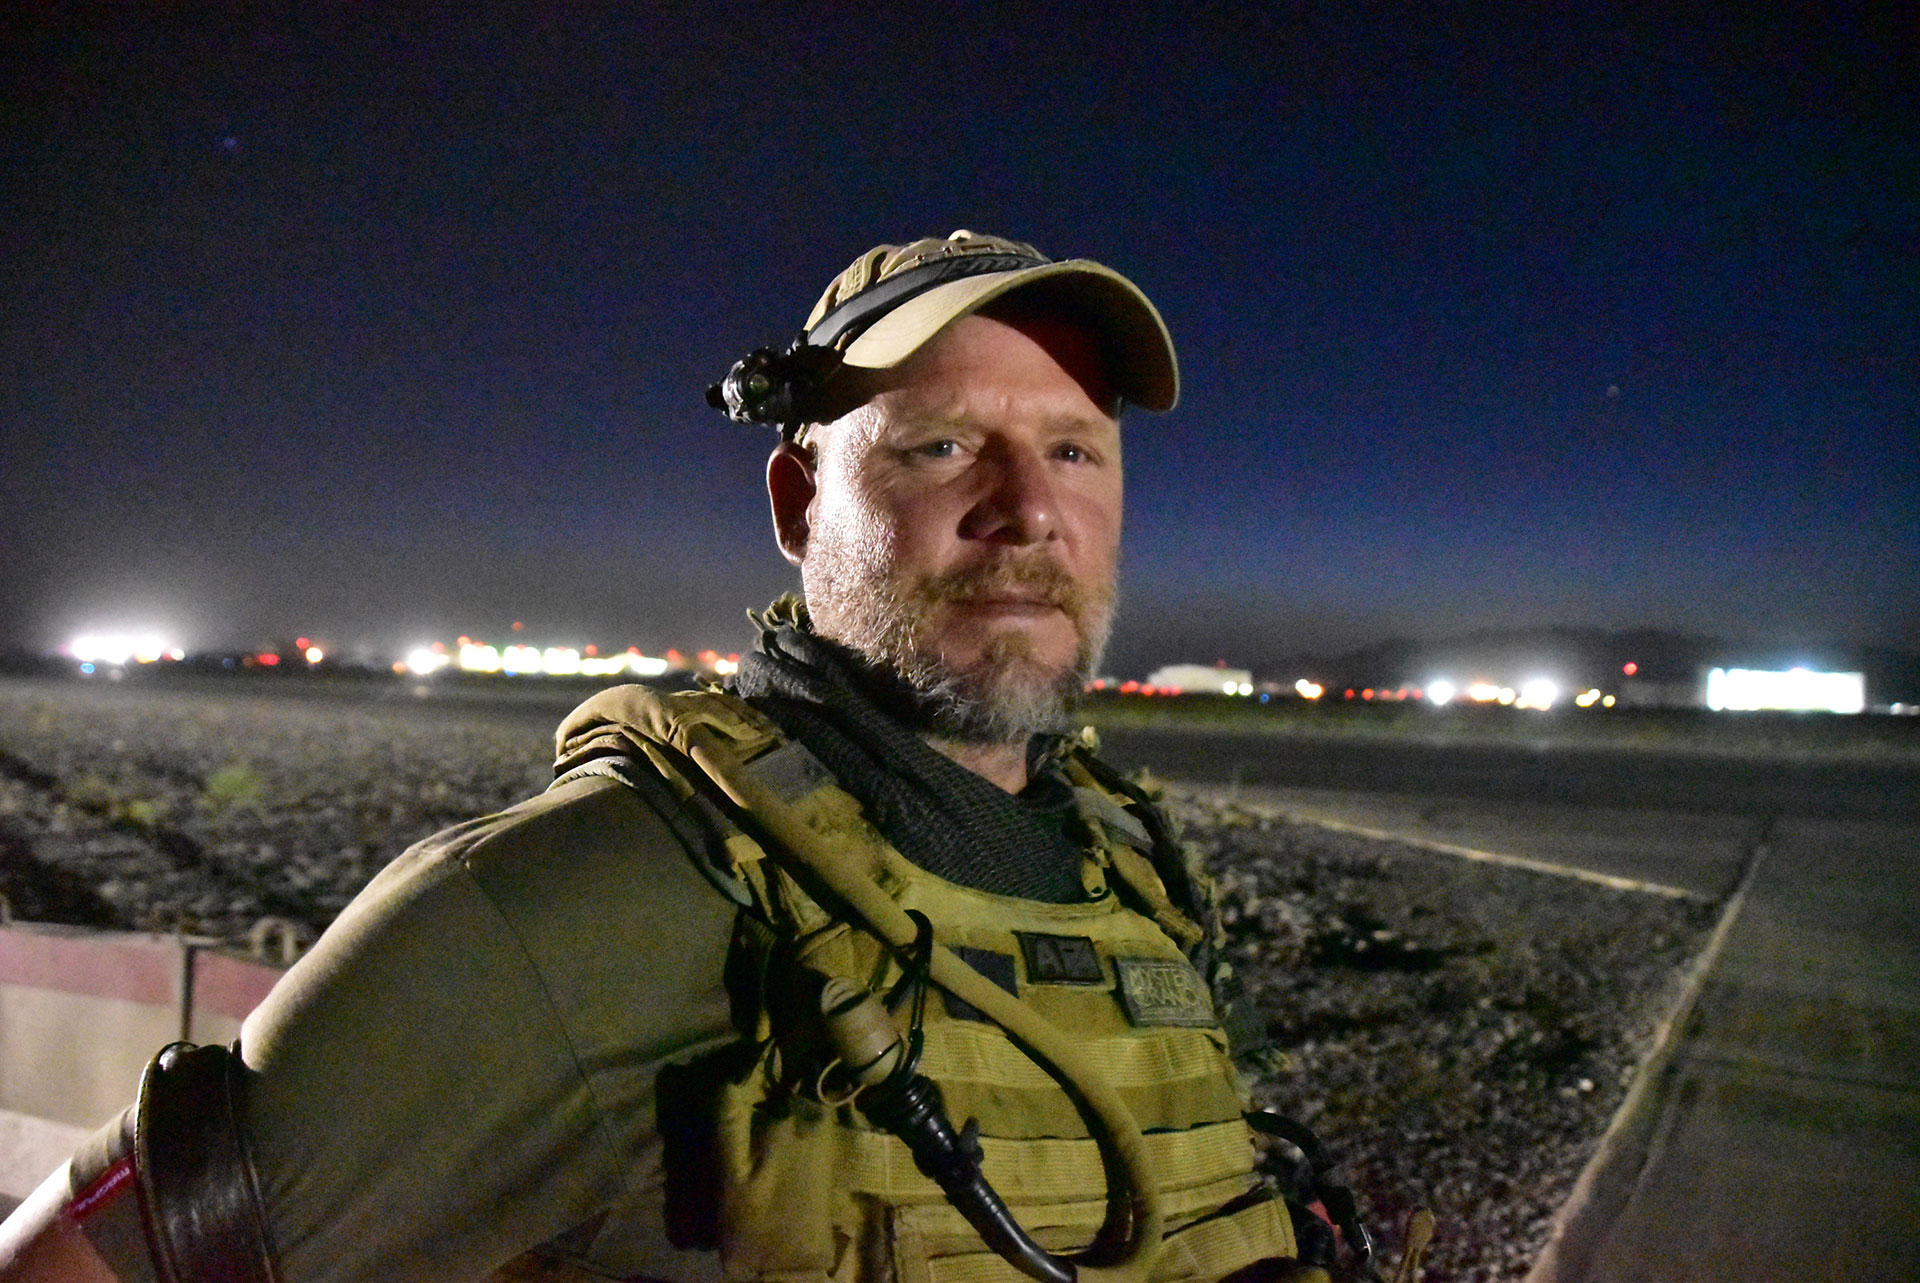 David Gilkey, en una de sus últimas fotografías tomadas el 29 de mayo pasado en la base aérea de Kandahar, en Afganistán